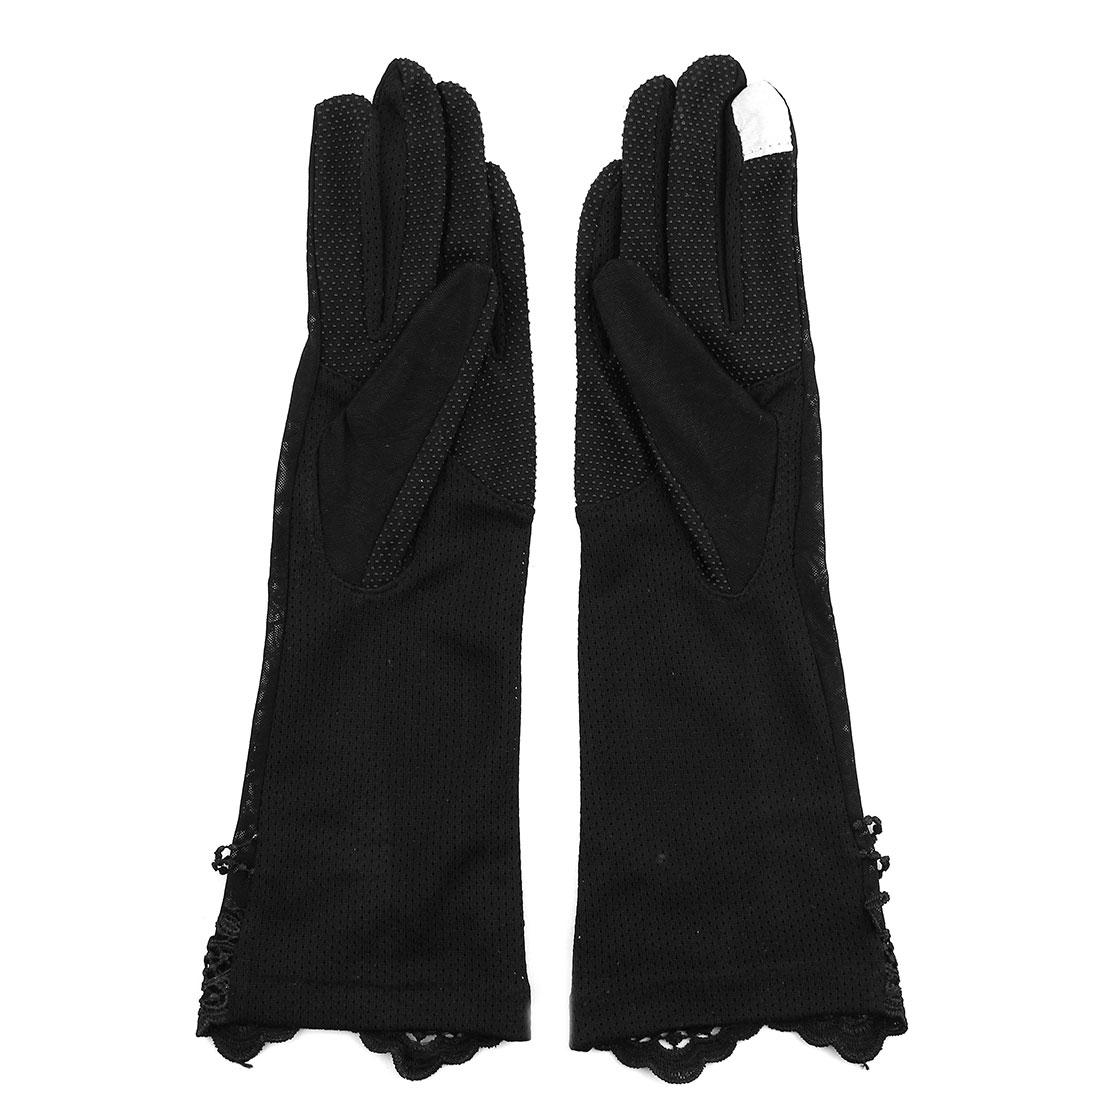 Outdoor Travel Driving Flower Butterfly Decor Full Finger Non-slip Sun Resistant Gloves Black Pair for Women